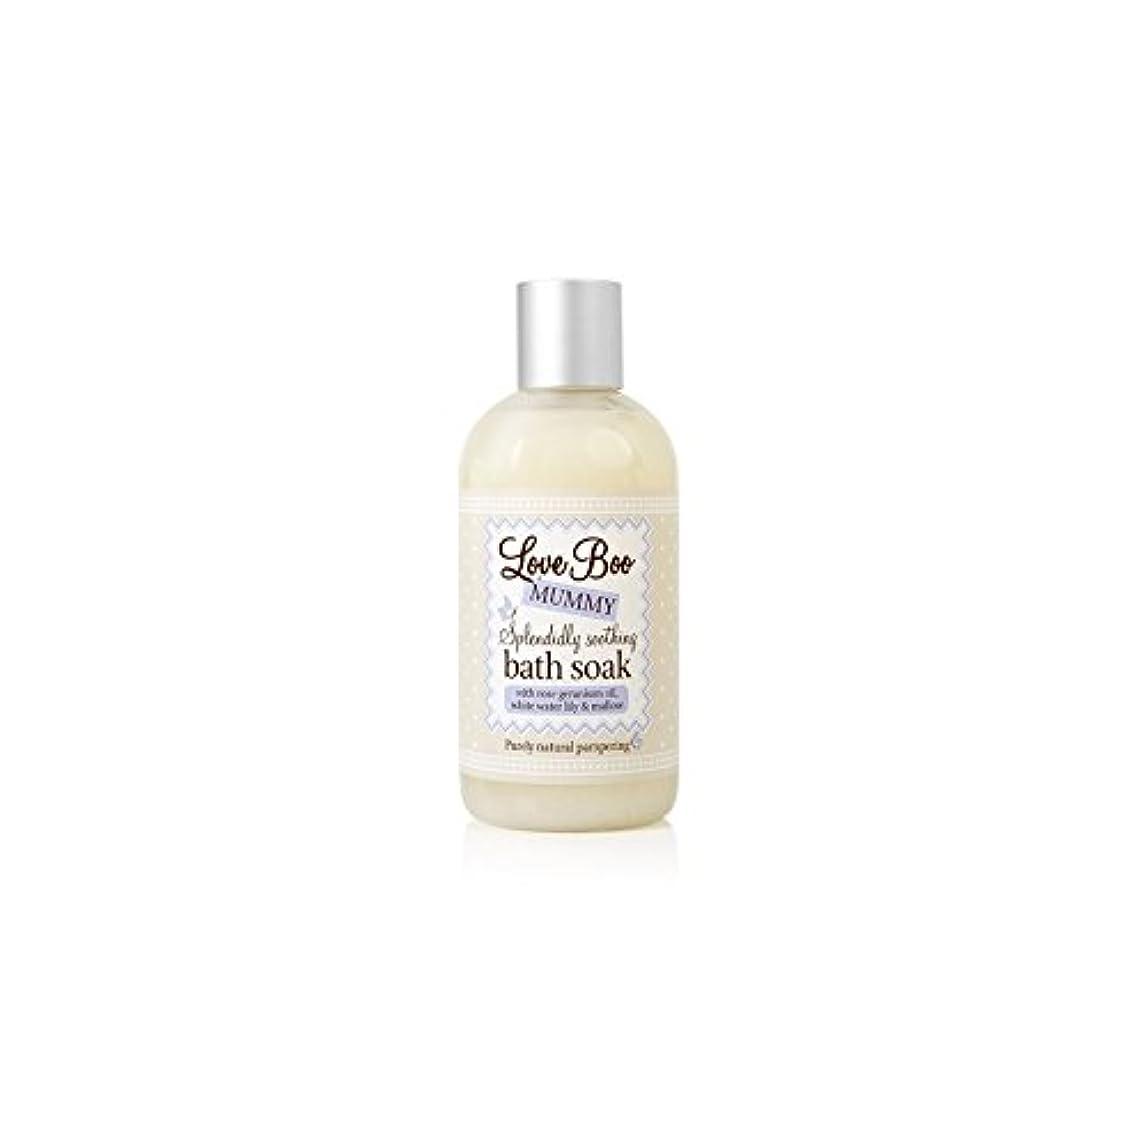 コンプライアンス季節買い手ブーイング見事なだめるようなお風呂が大好き(250ミリリットル)を浸します x4 - Love Boo Splendidly Soothing Bath Soak (250ml) (Pack of 4) [並行輸入品]